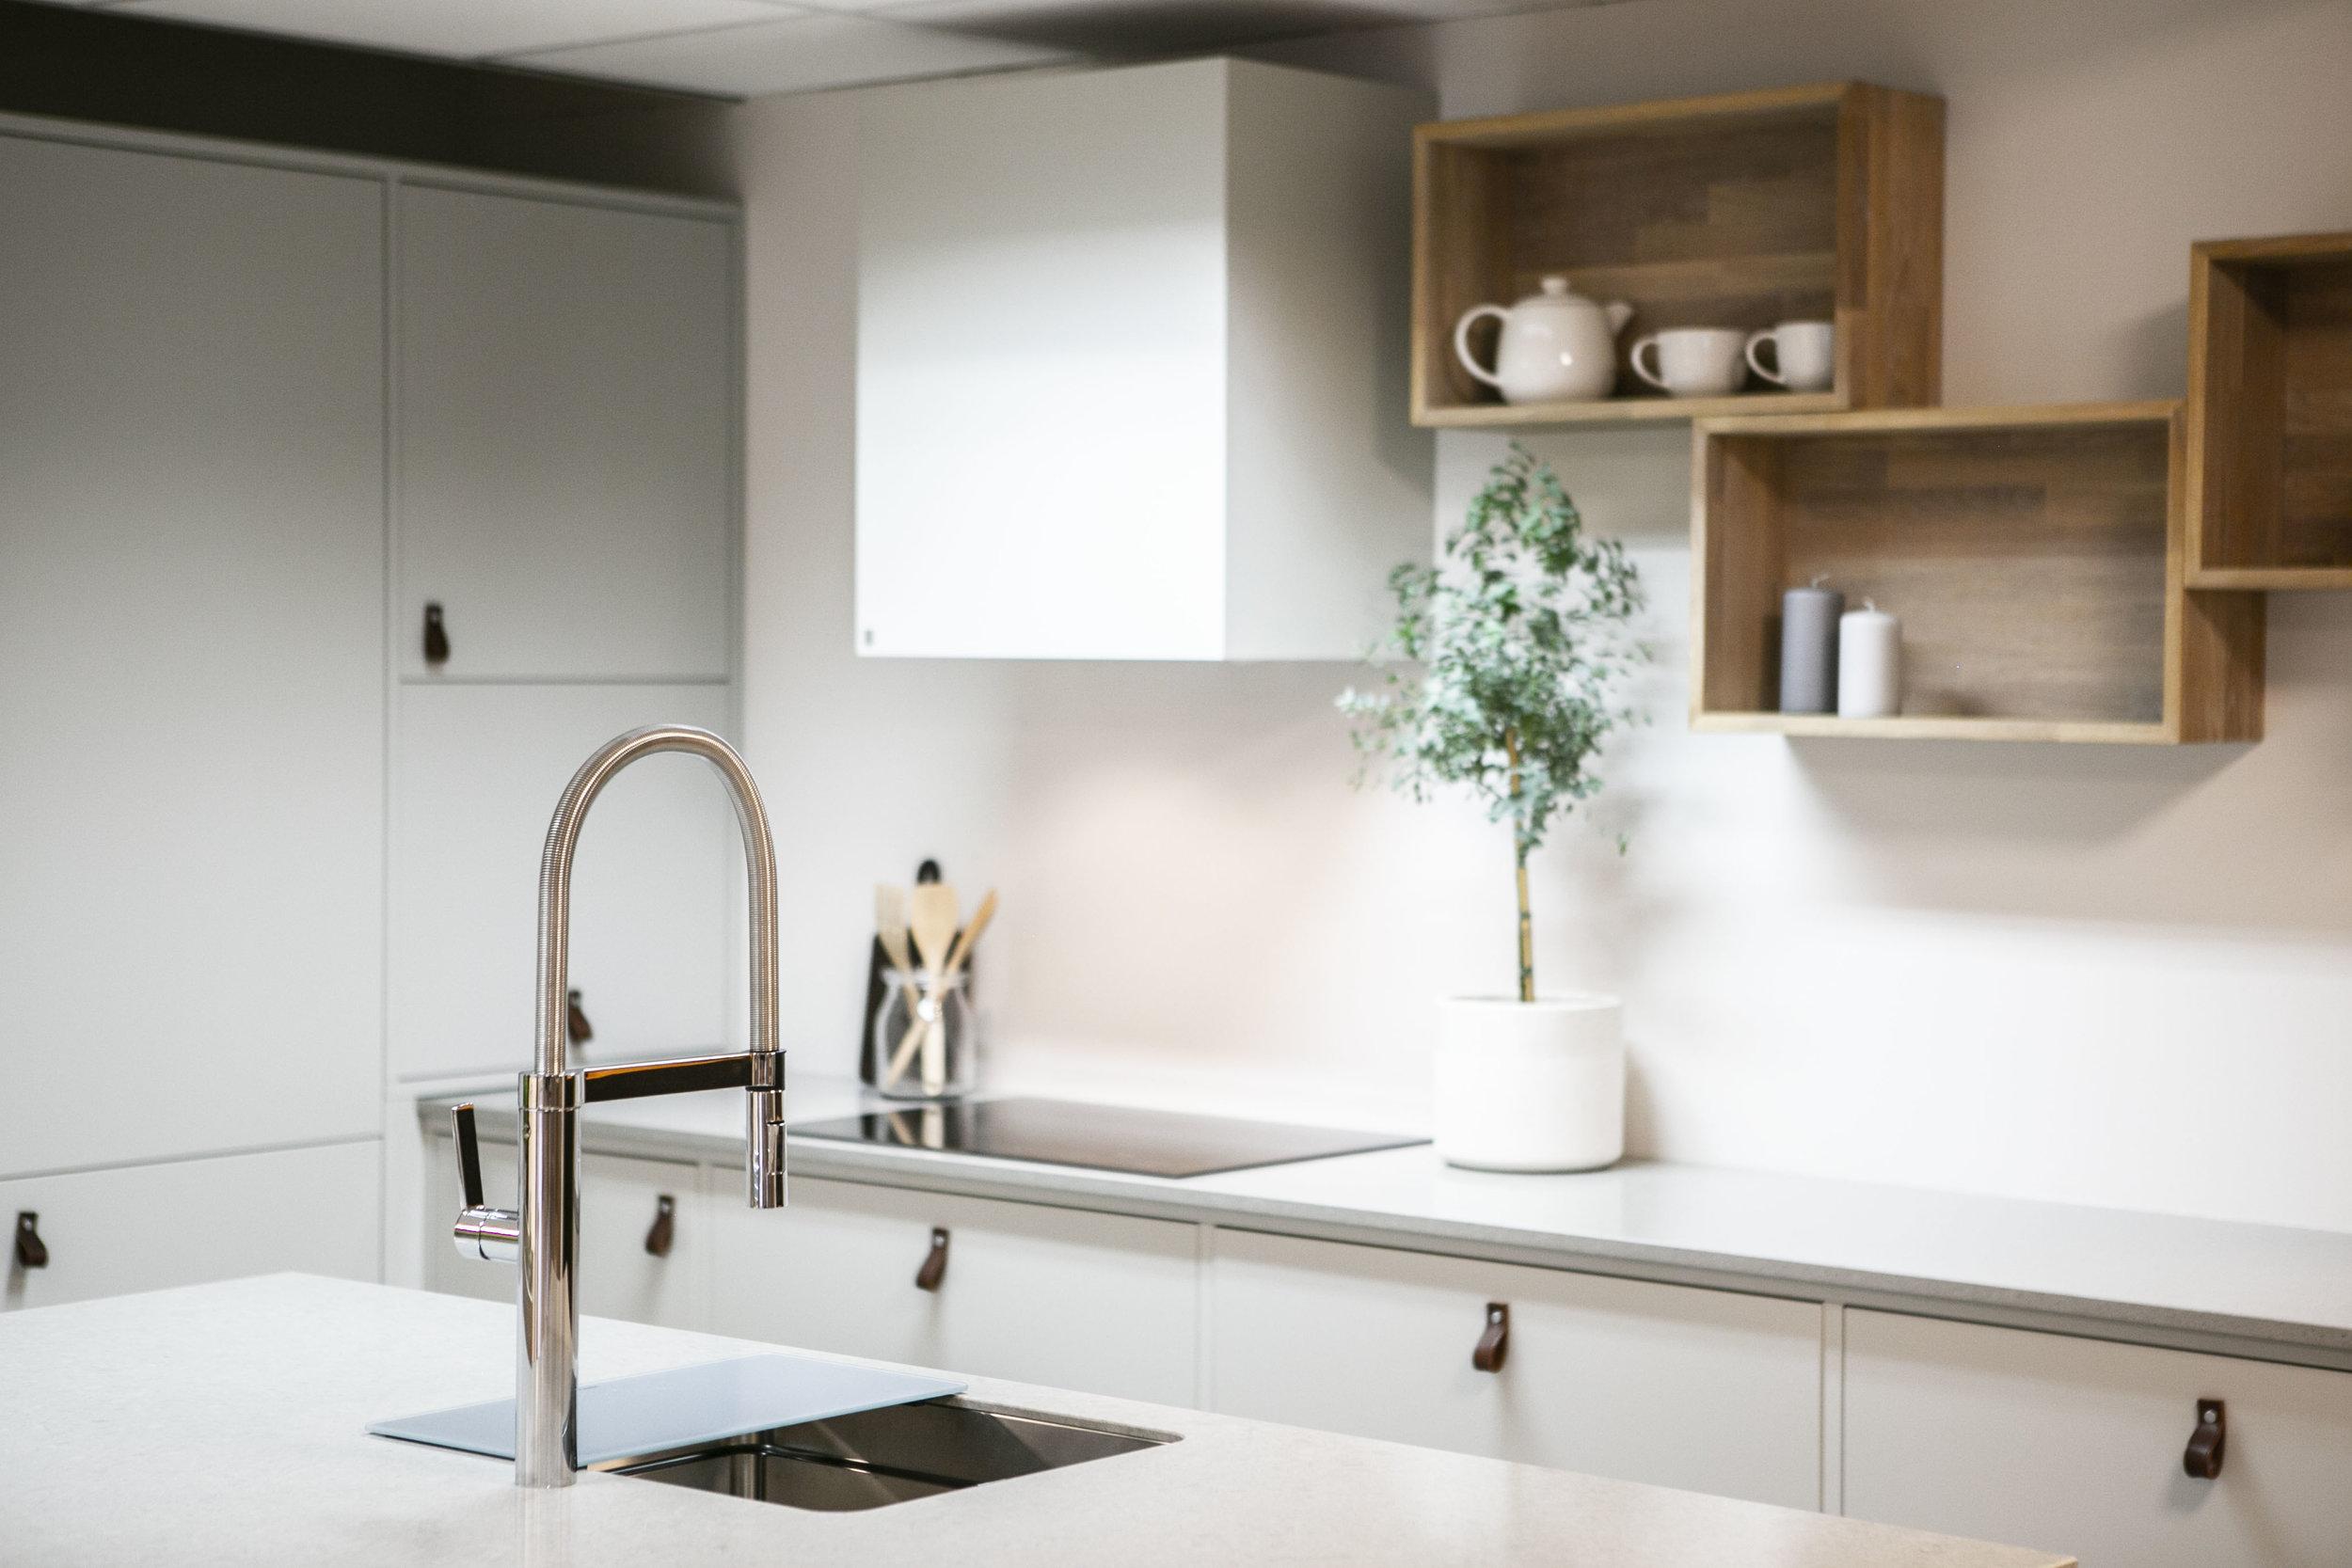 Kjøkken, Fronter, Hvitevarer, Stjernekjøkken, Kjøkkeninredning, interiør kjøkken, kjøkken benkeplate, skapdører kjøkken, kjøkkeninnredning, kjøkken forhandlere, kjøkken fornying